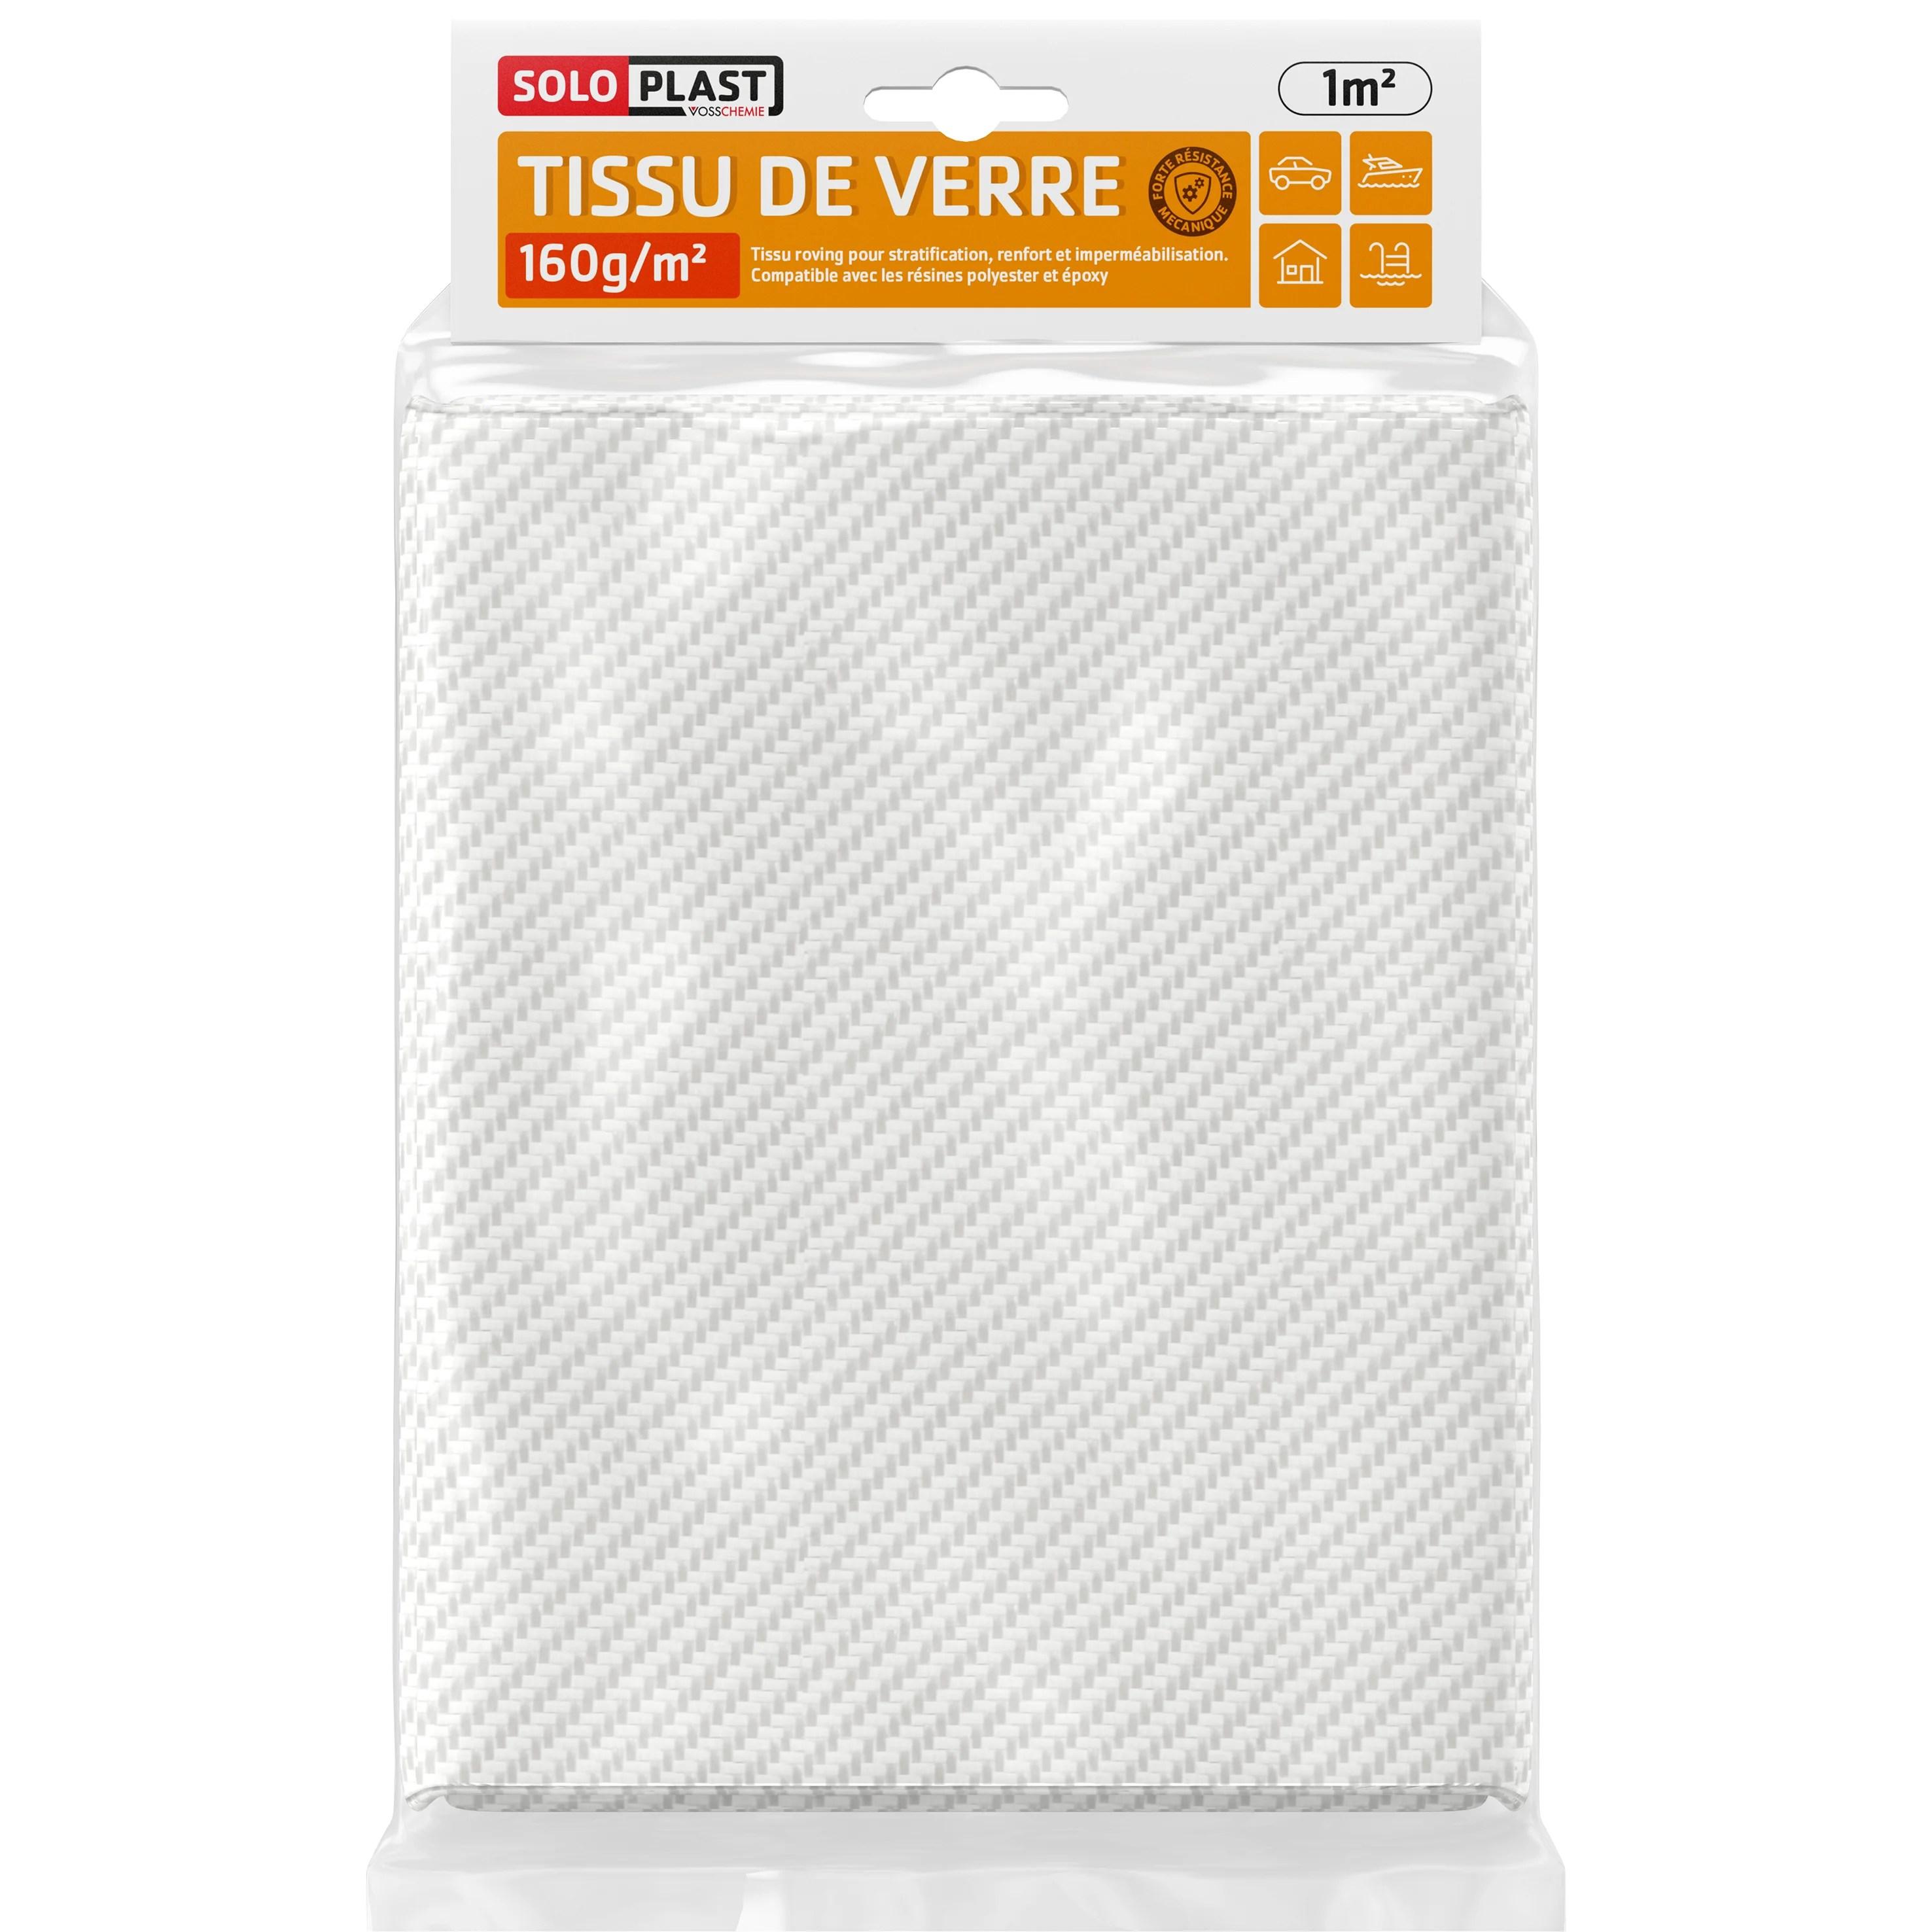 Tissu De Verre Tissu De Verre Soloplast 160g Leroy Merlin